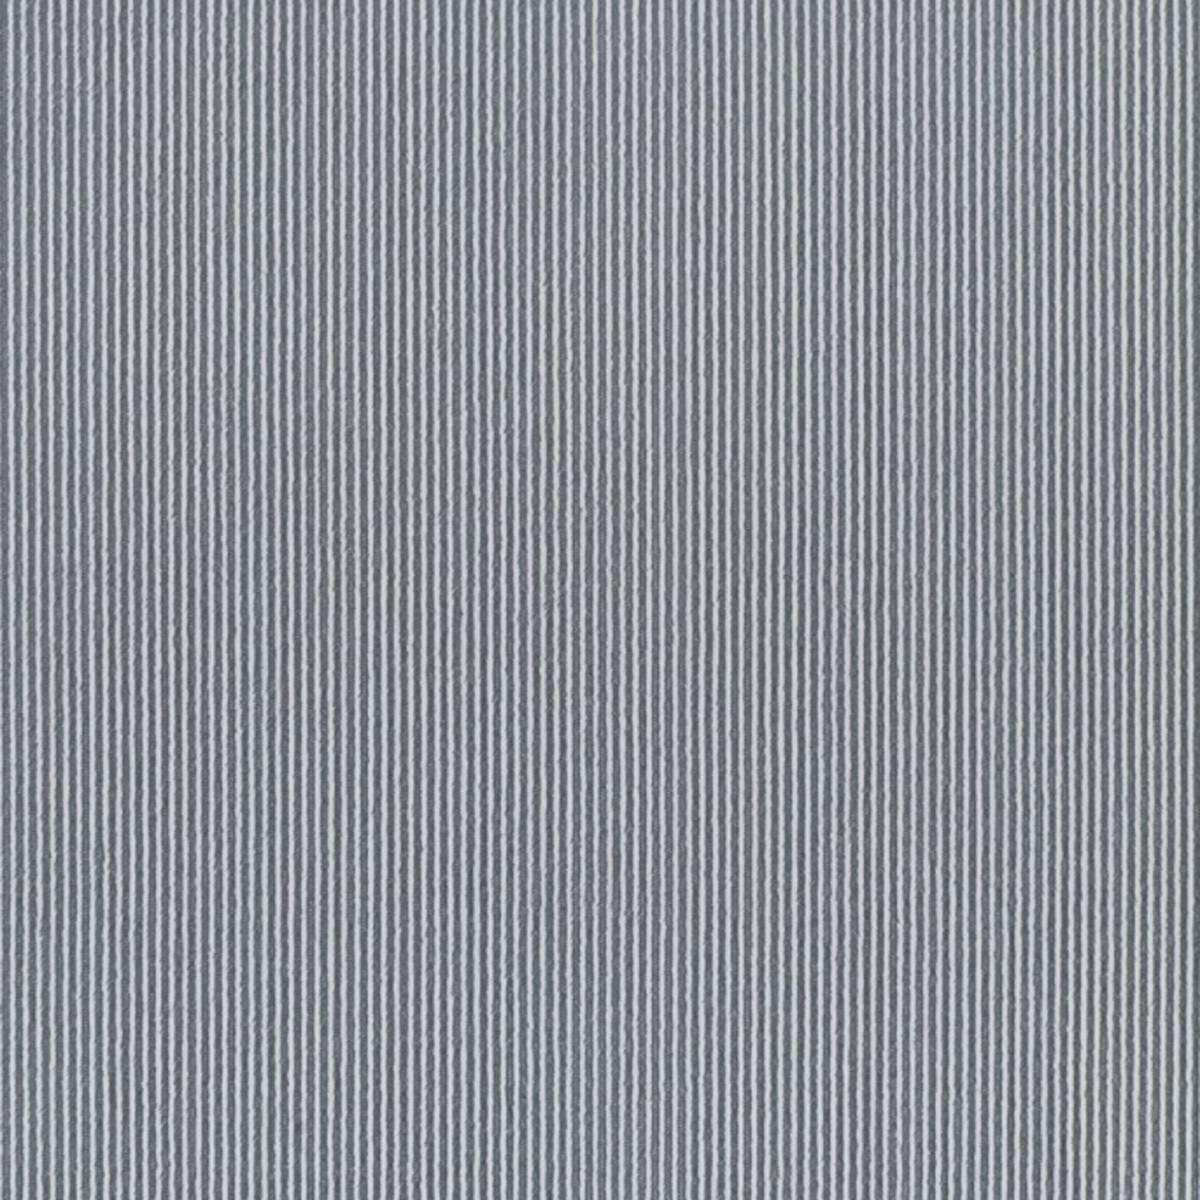 Curtains In Tammaro Fabrics Zinc Fdg2748 26